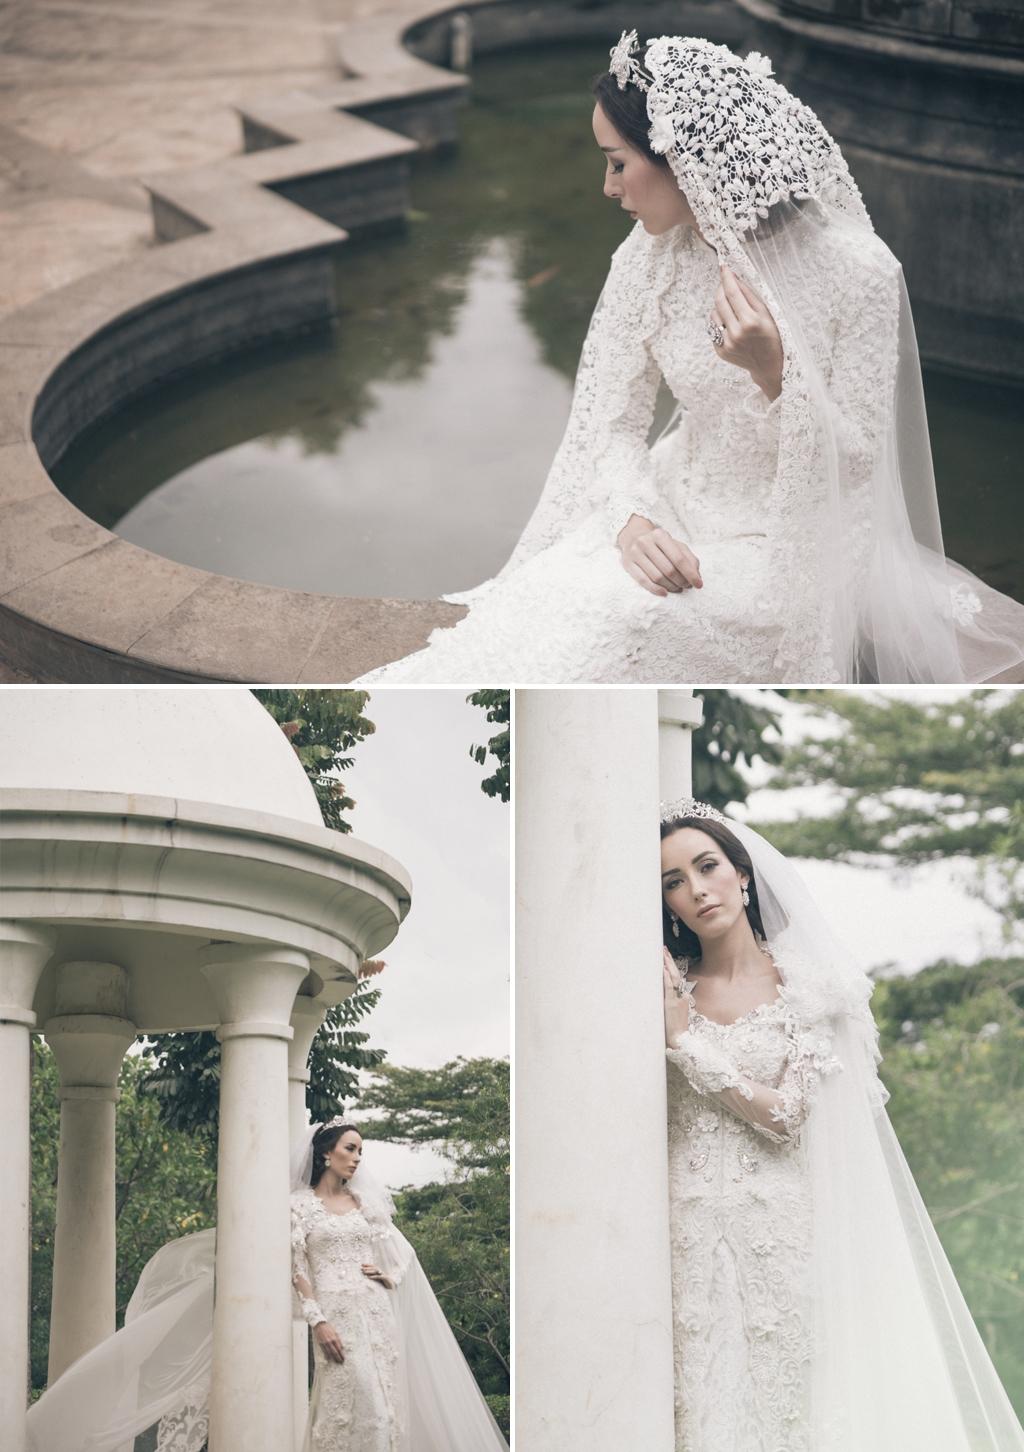 Seindah Kebaya Putih di Taman Hati Weddingku com